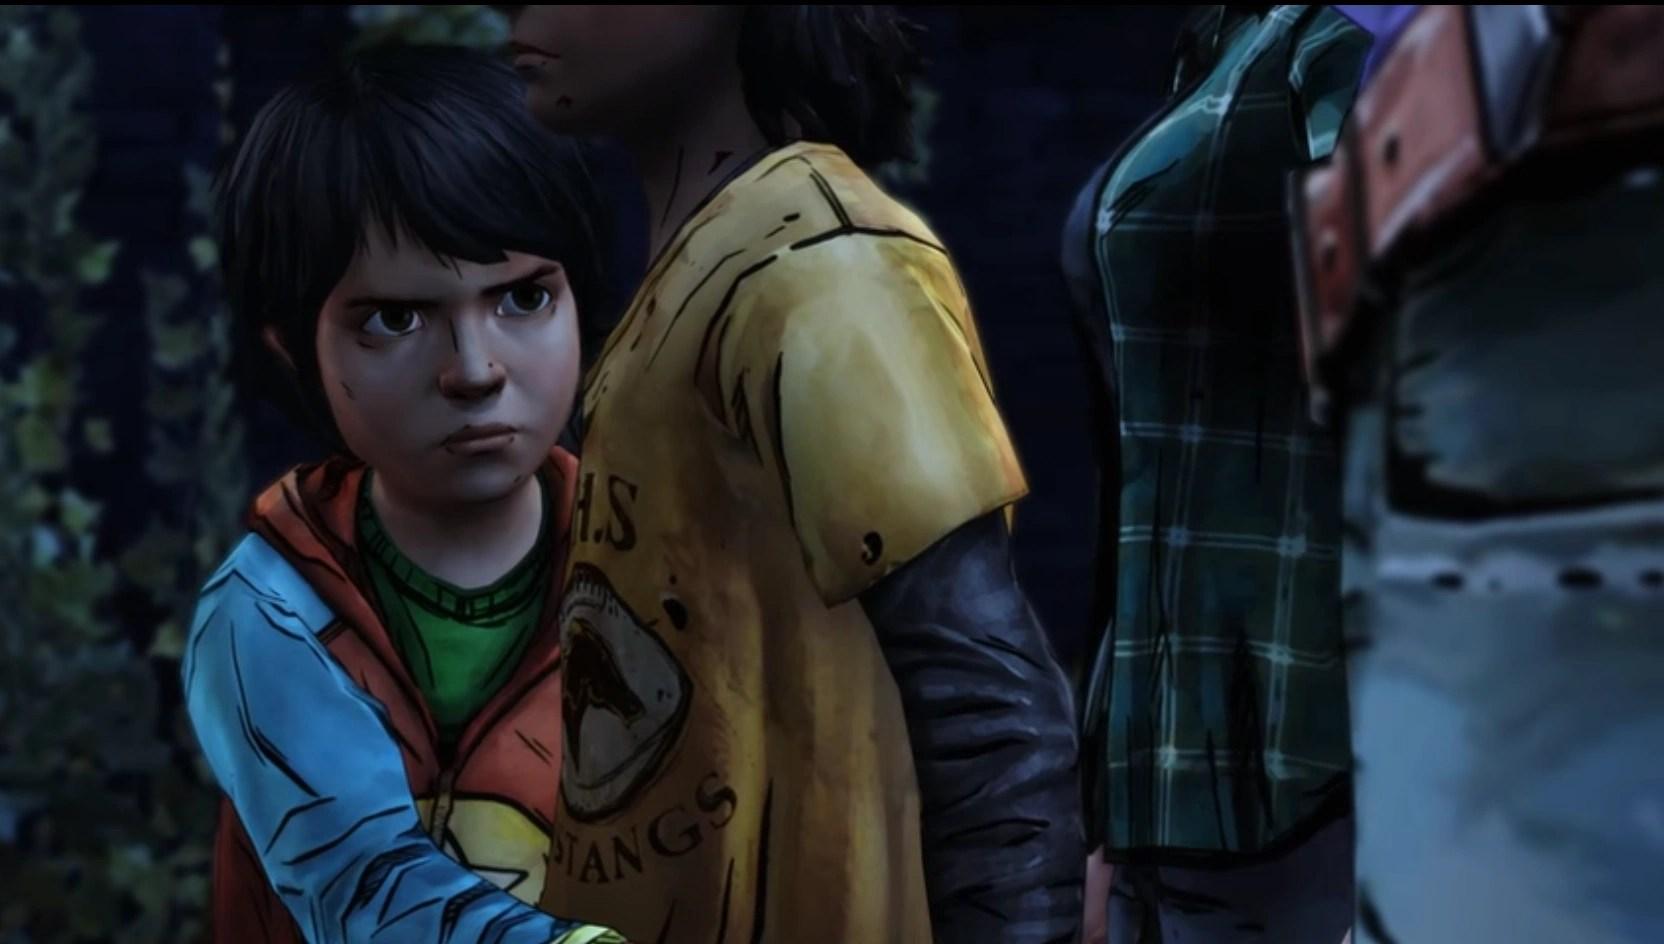 Alex Fairbanks Video Game Gallery  Walking Dead Wiki  FANDOM powered by Wikia